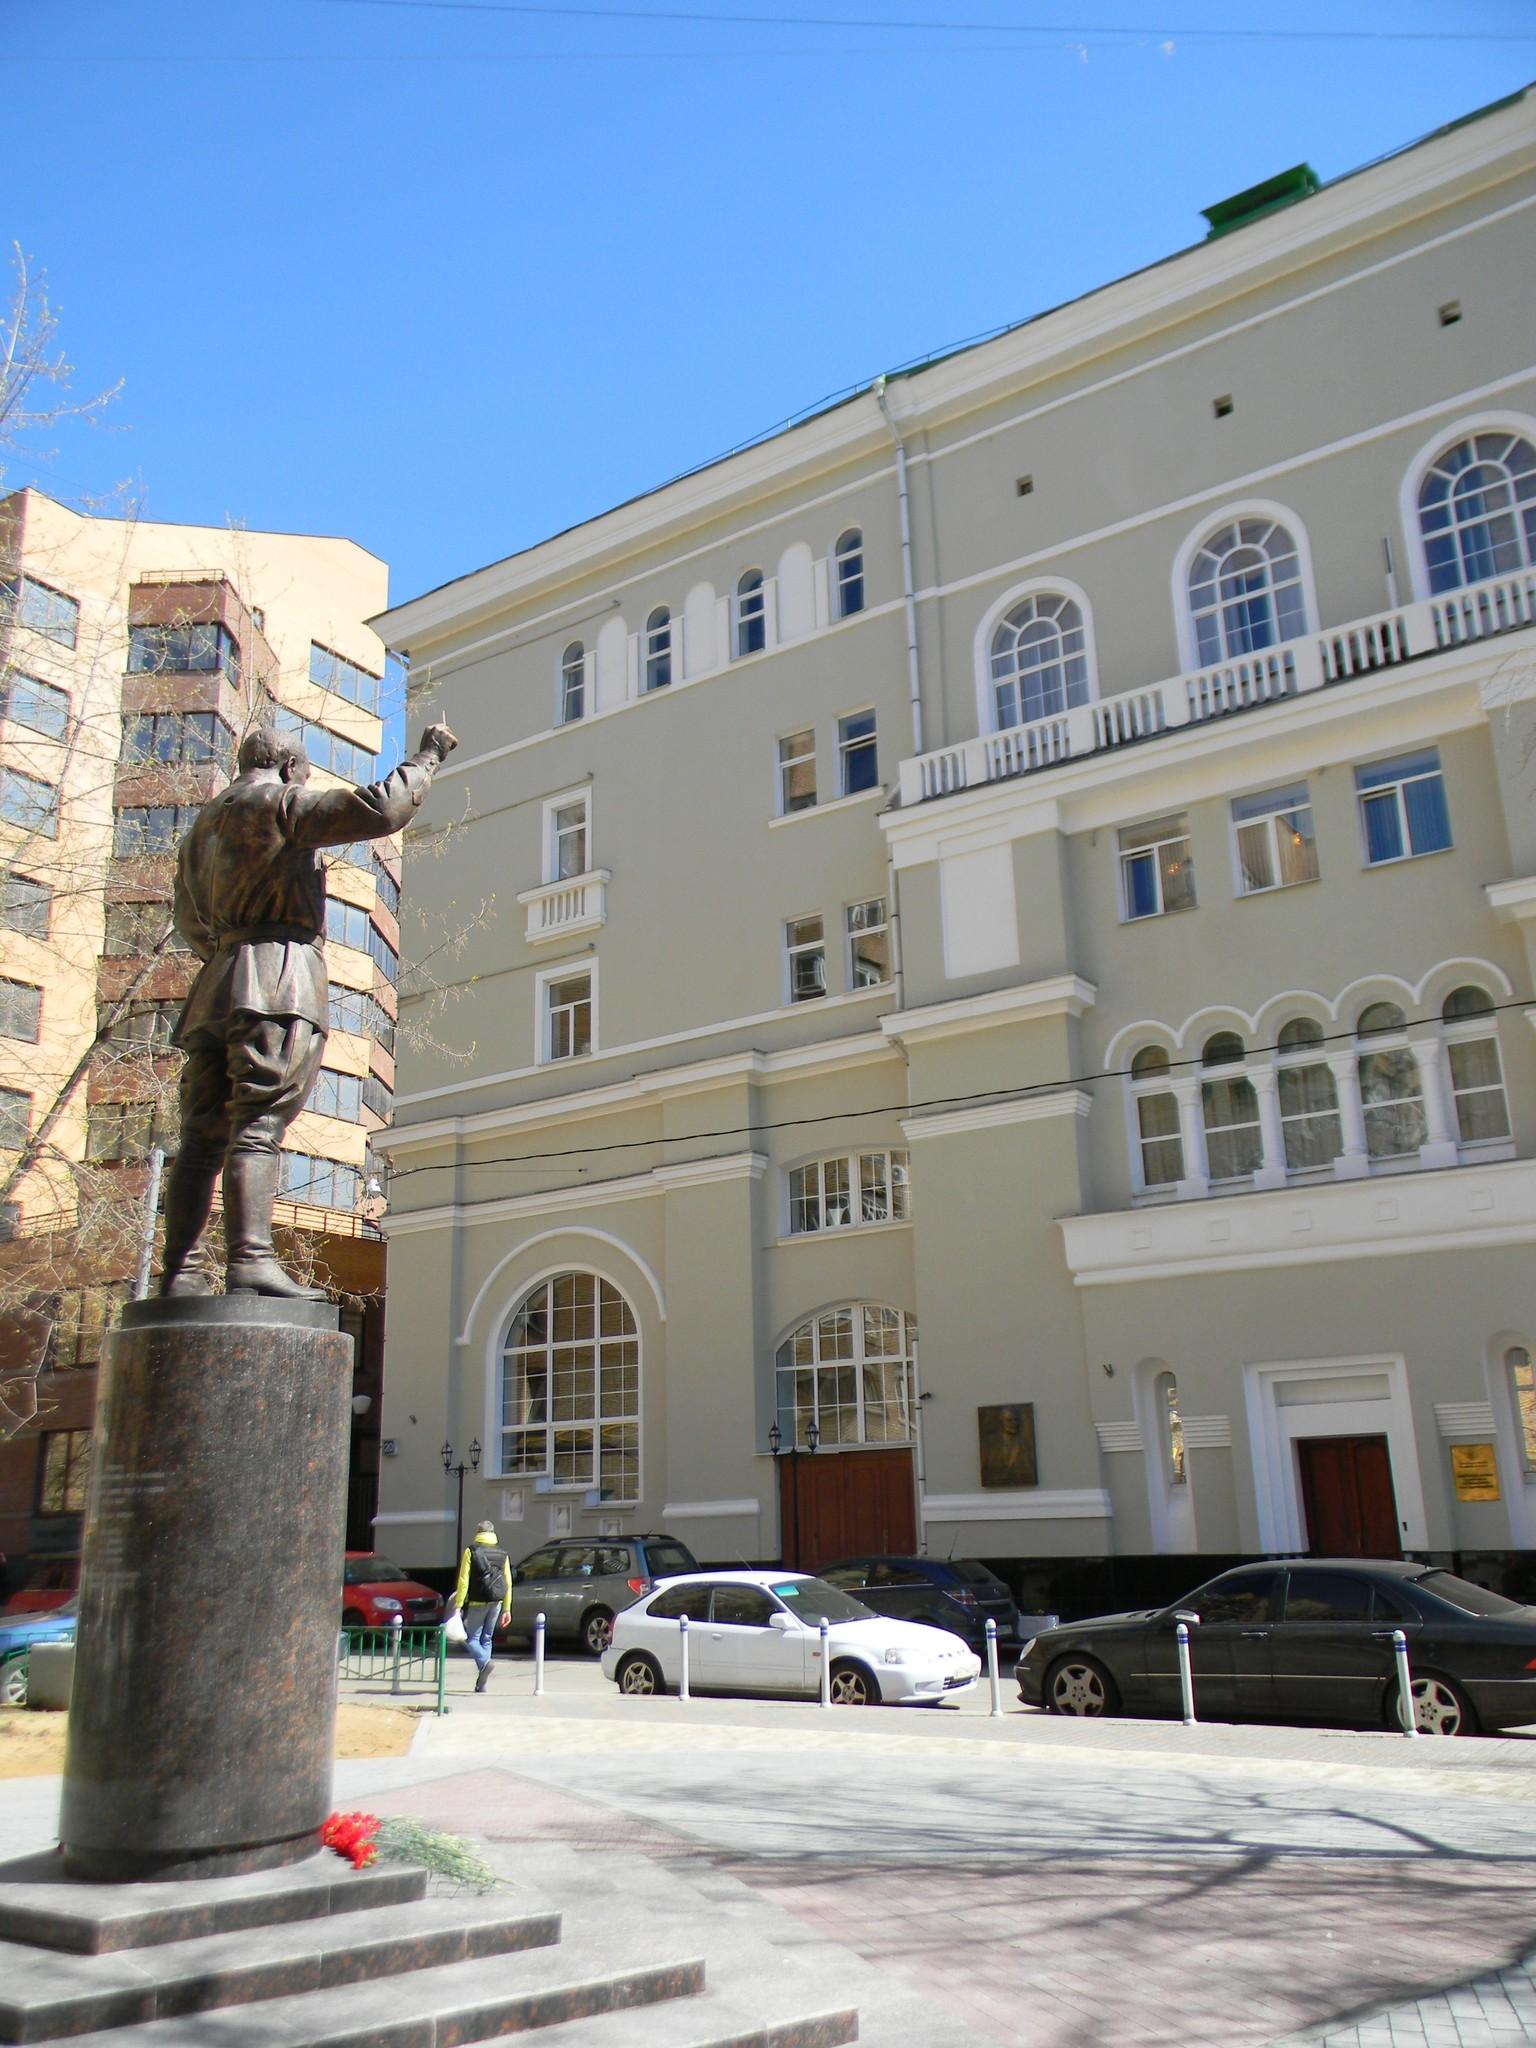 Памятник А.В. Александрова в сквере перед домом № 20 в Земледельческом переулке